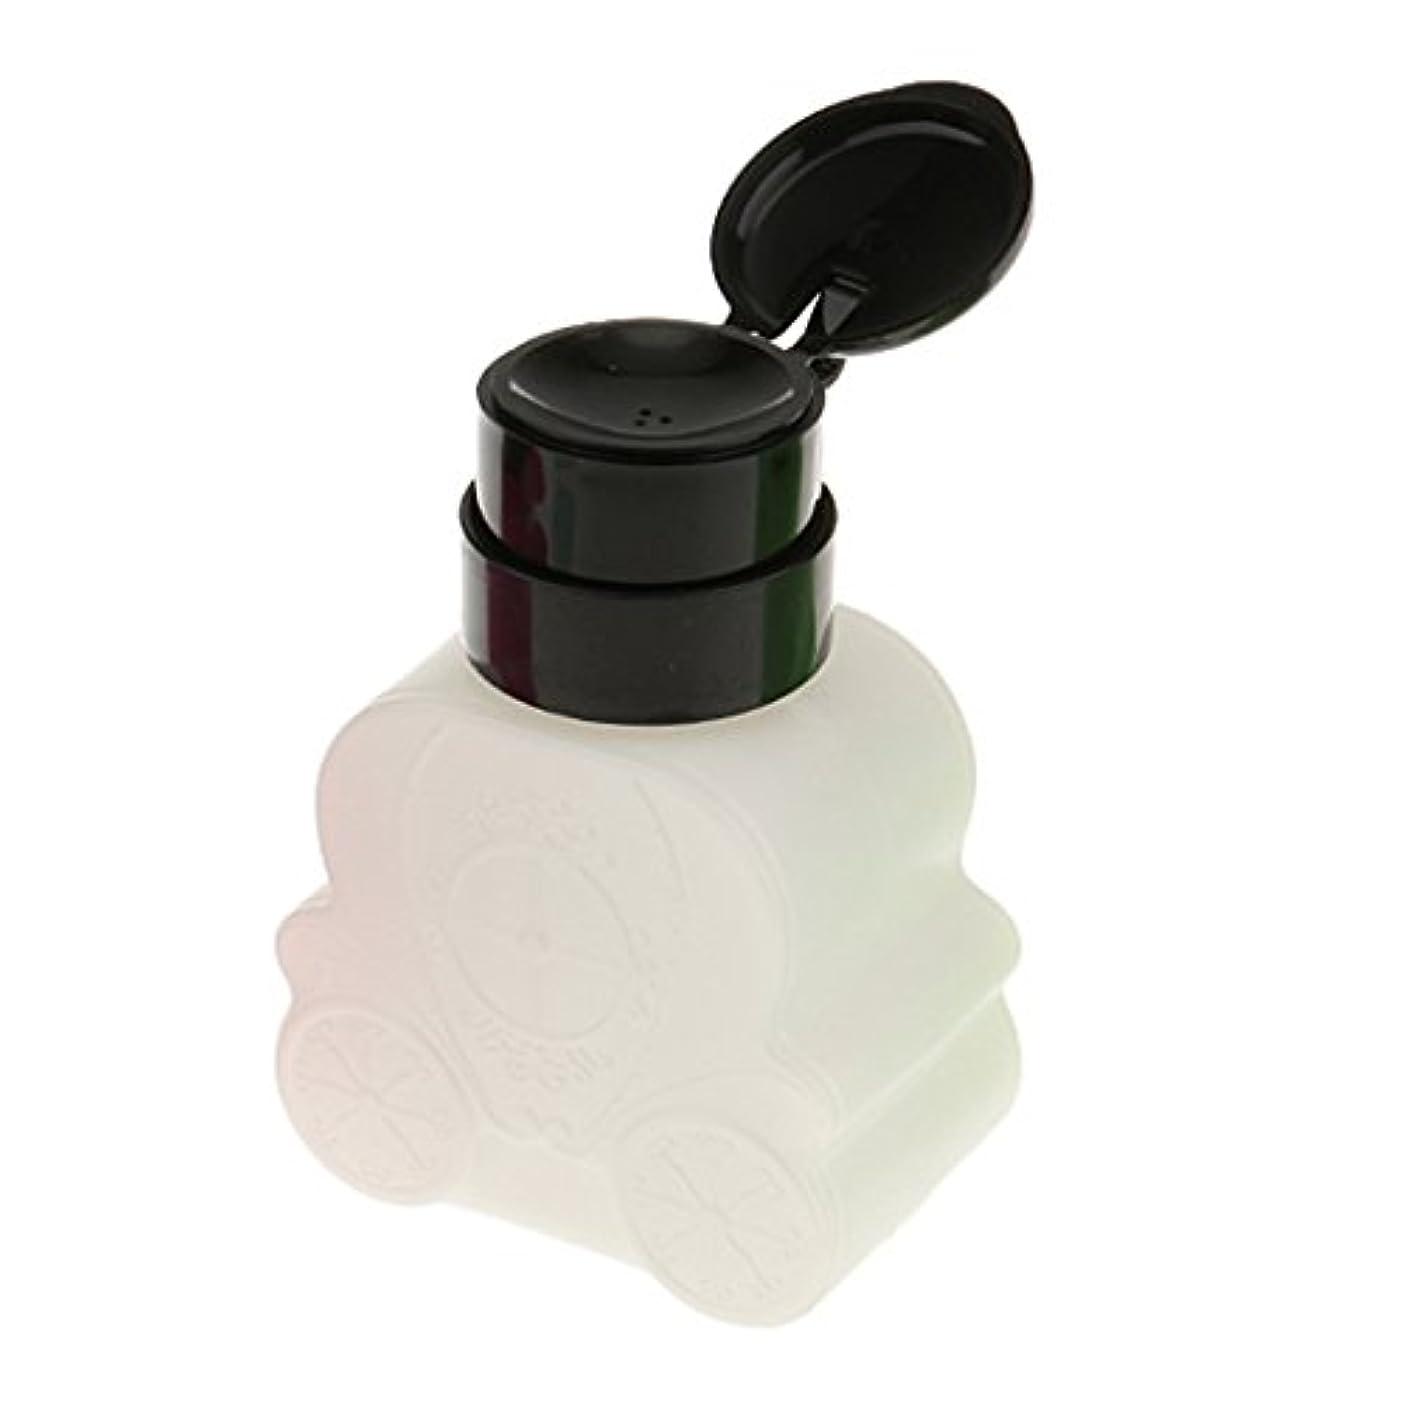 ドームスケートブリードKesoto ネイルクリーナーボトル ポンプ 車型 防揮発 耐久 ネイル清潔 便利 240ml